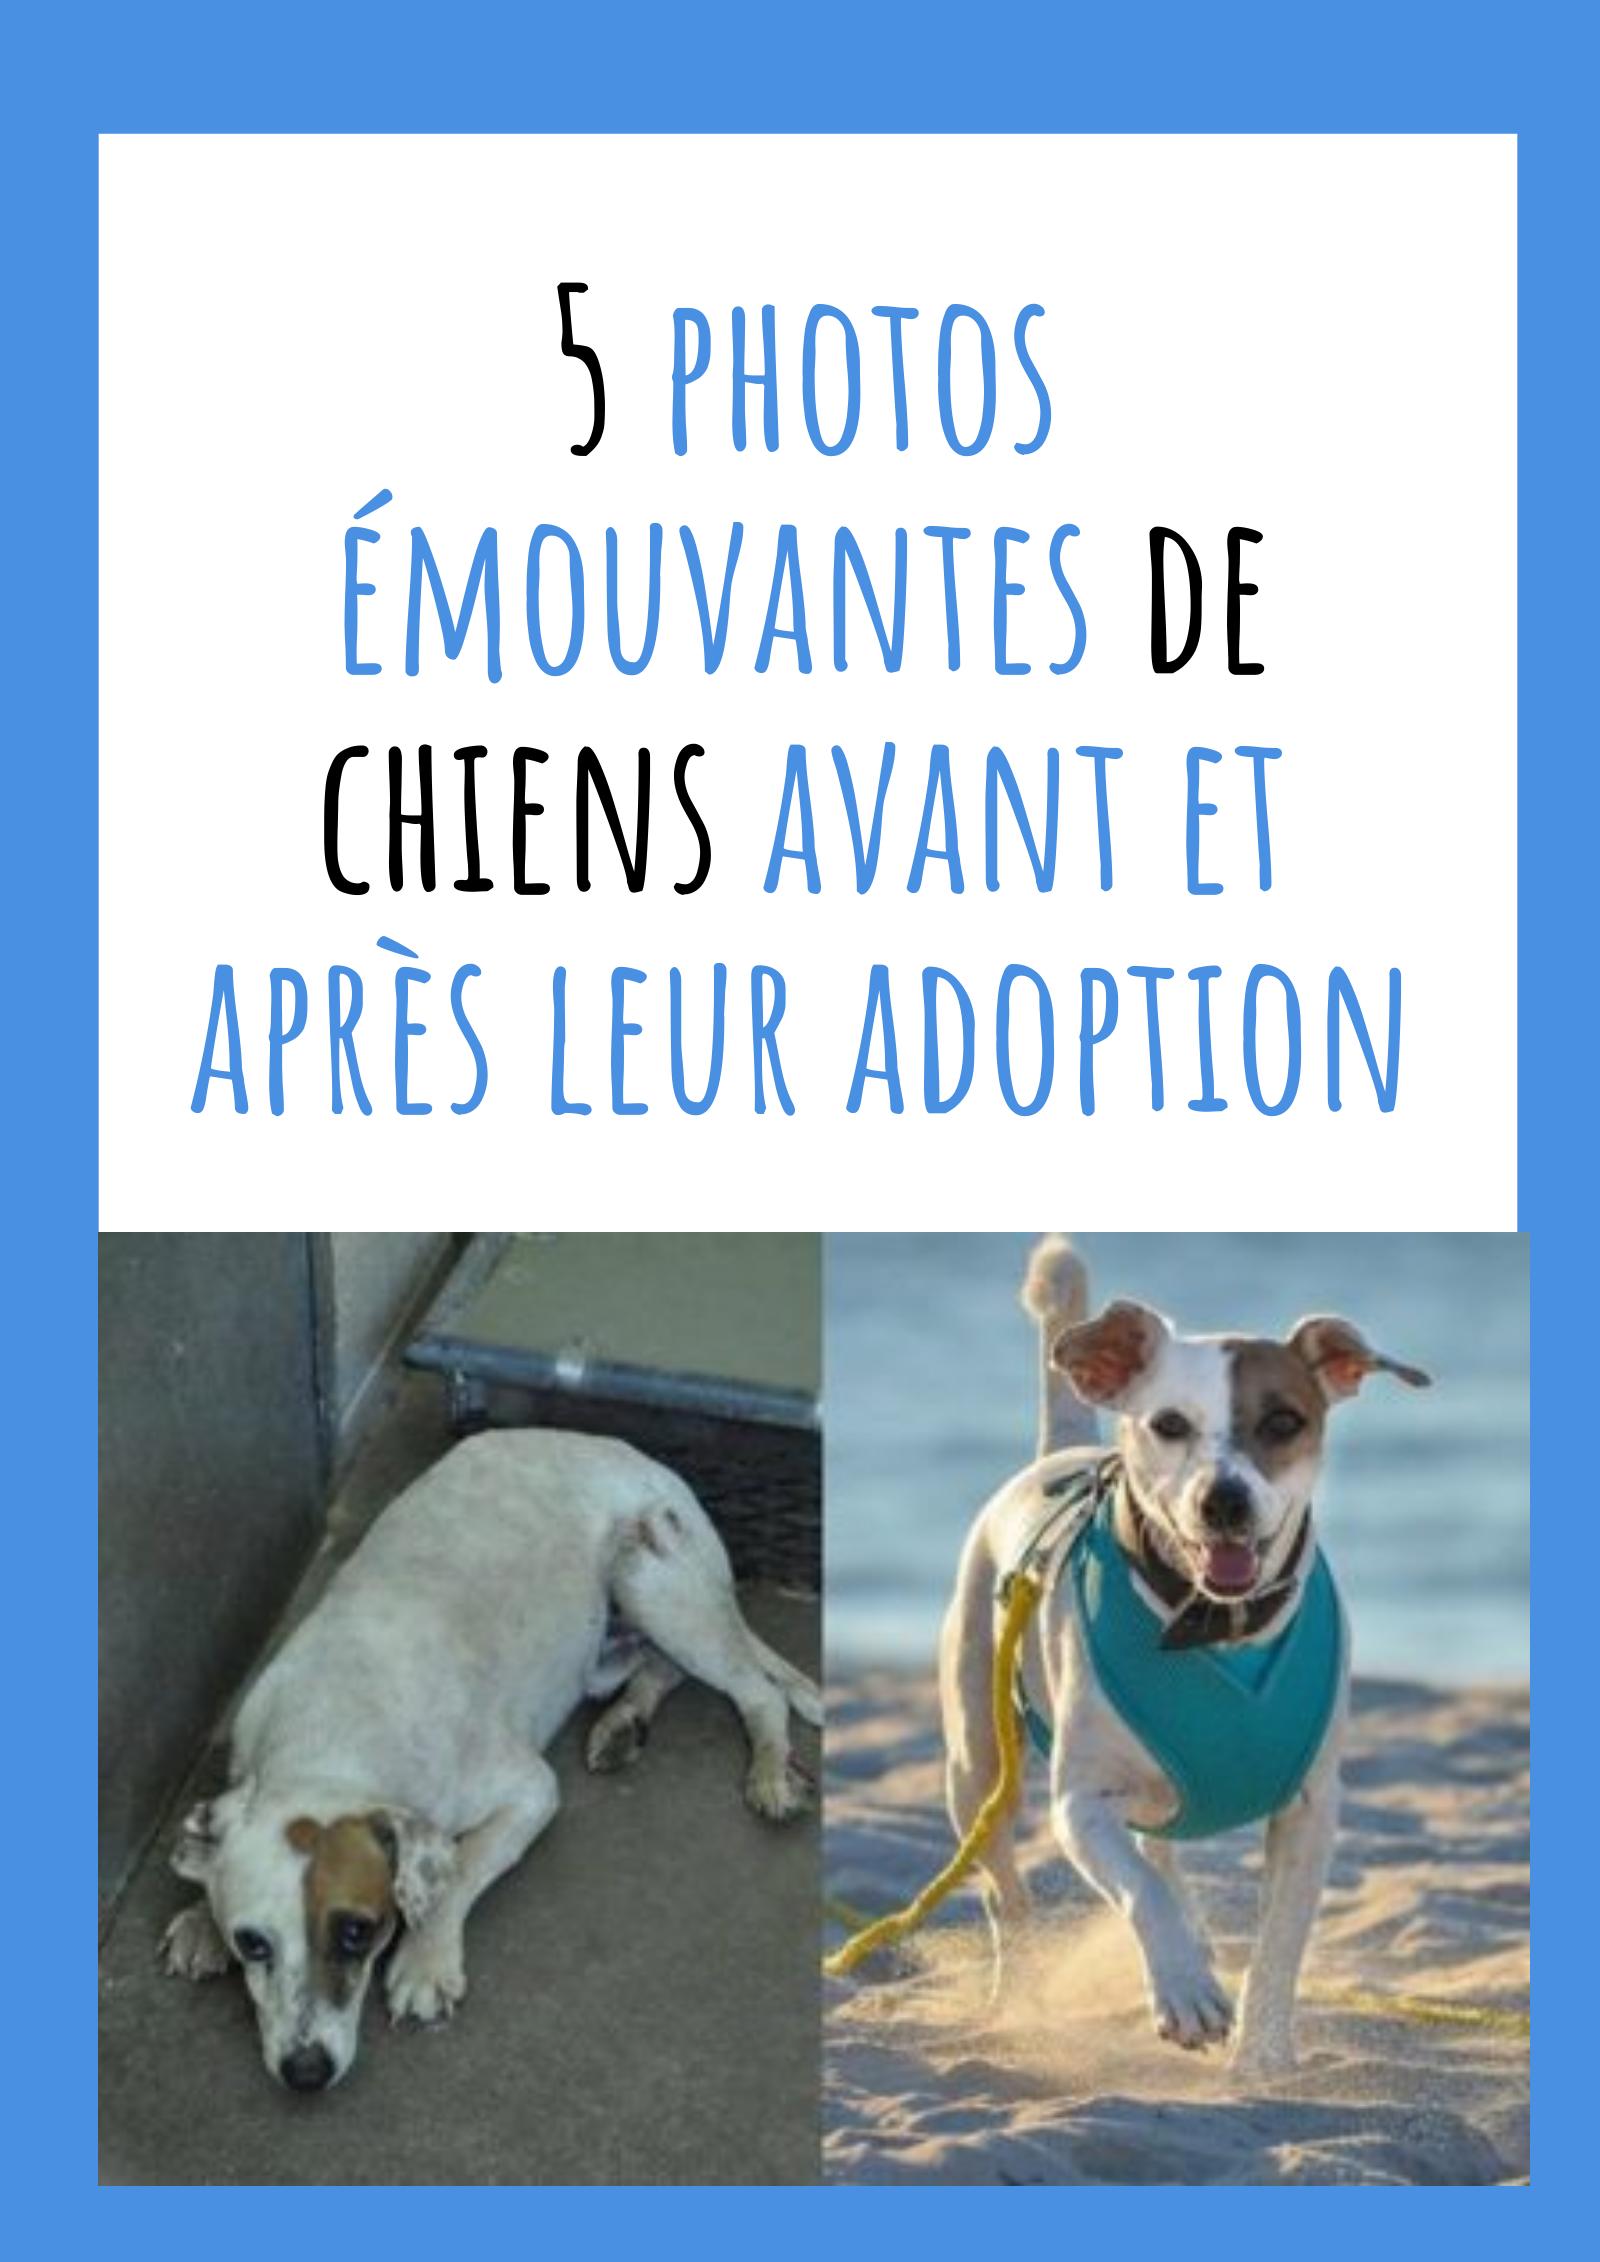 5 Photos Emouvantes De Chiens Avant Et Apres Leur Adoption Histoires De Chiens Chien Adopter Un Chien